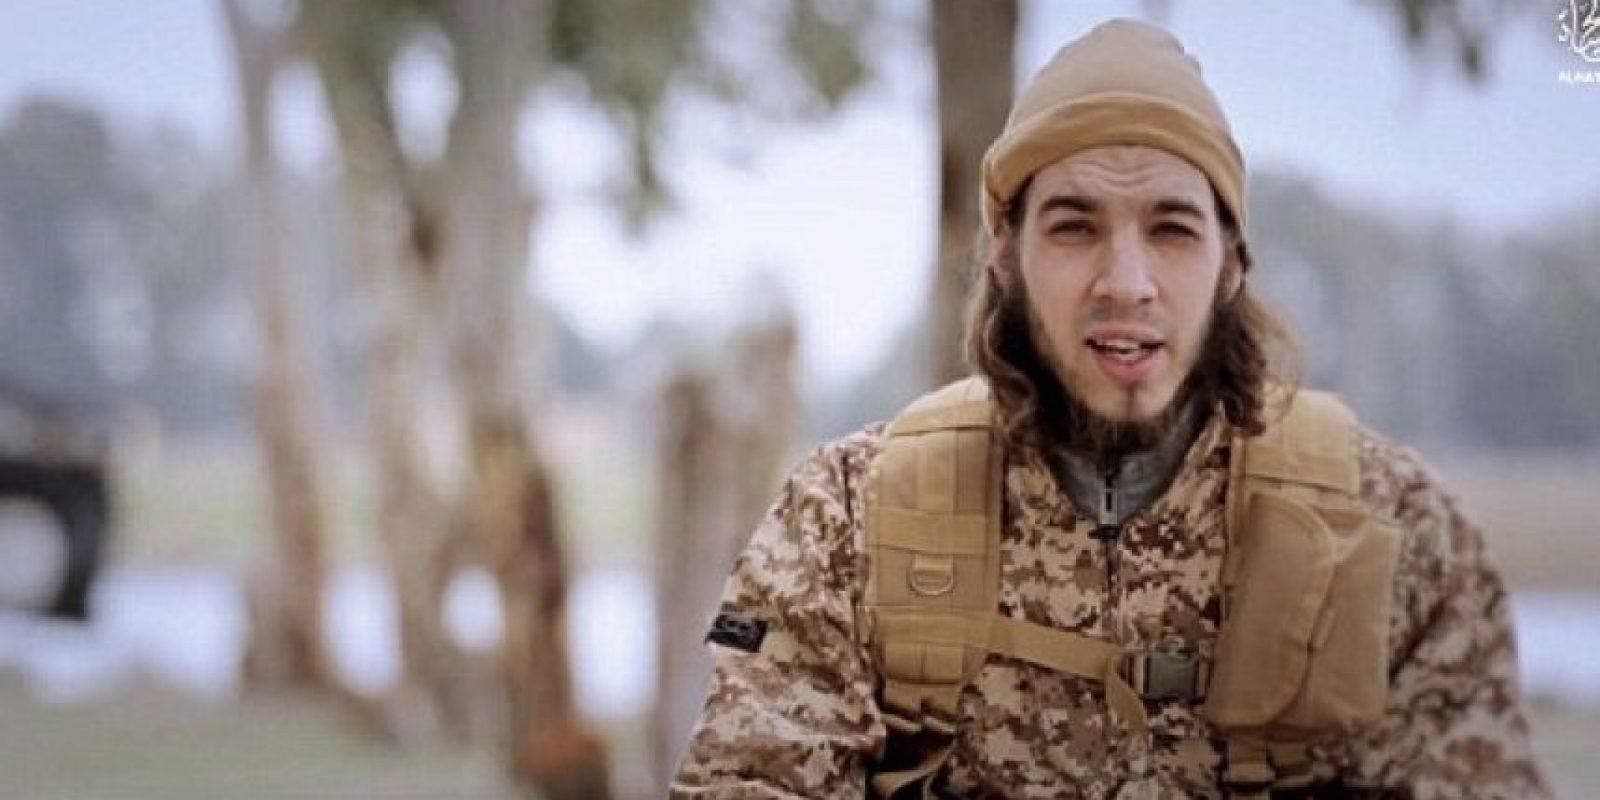 Omar Ismail Mostefai, también atacó en el Bataclan Foto:Video de Estado Islámico. Imagen Por: